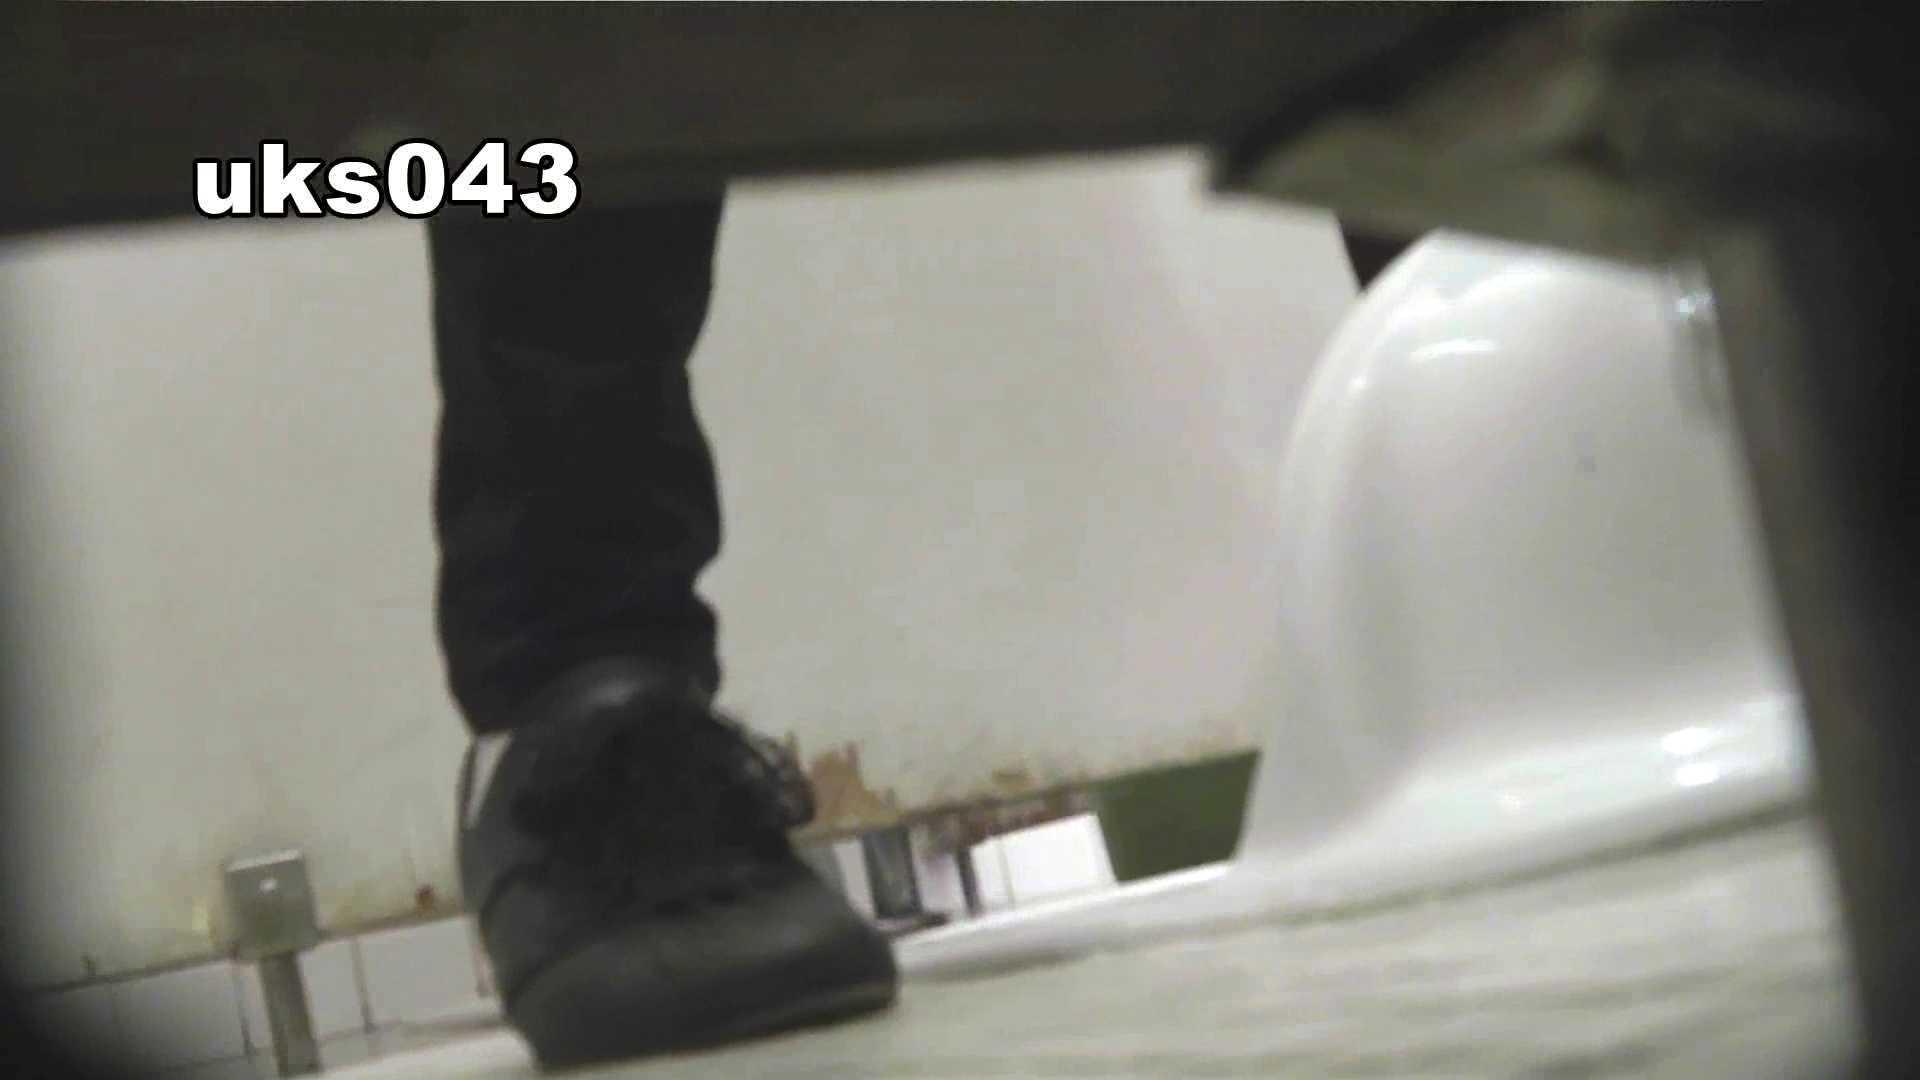 【美しき個室な世界】 vol.043 緊迫状況 OL女体   洗面所  109連発 109